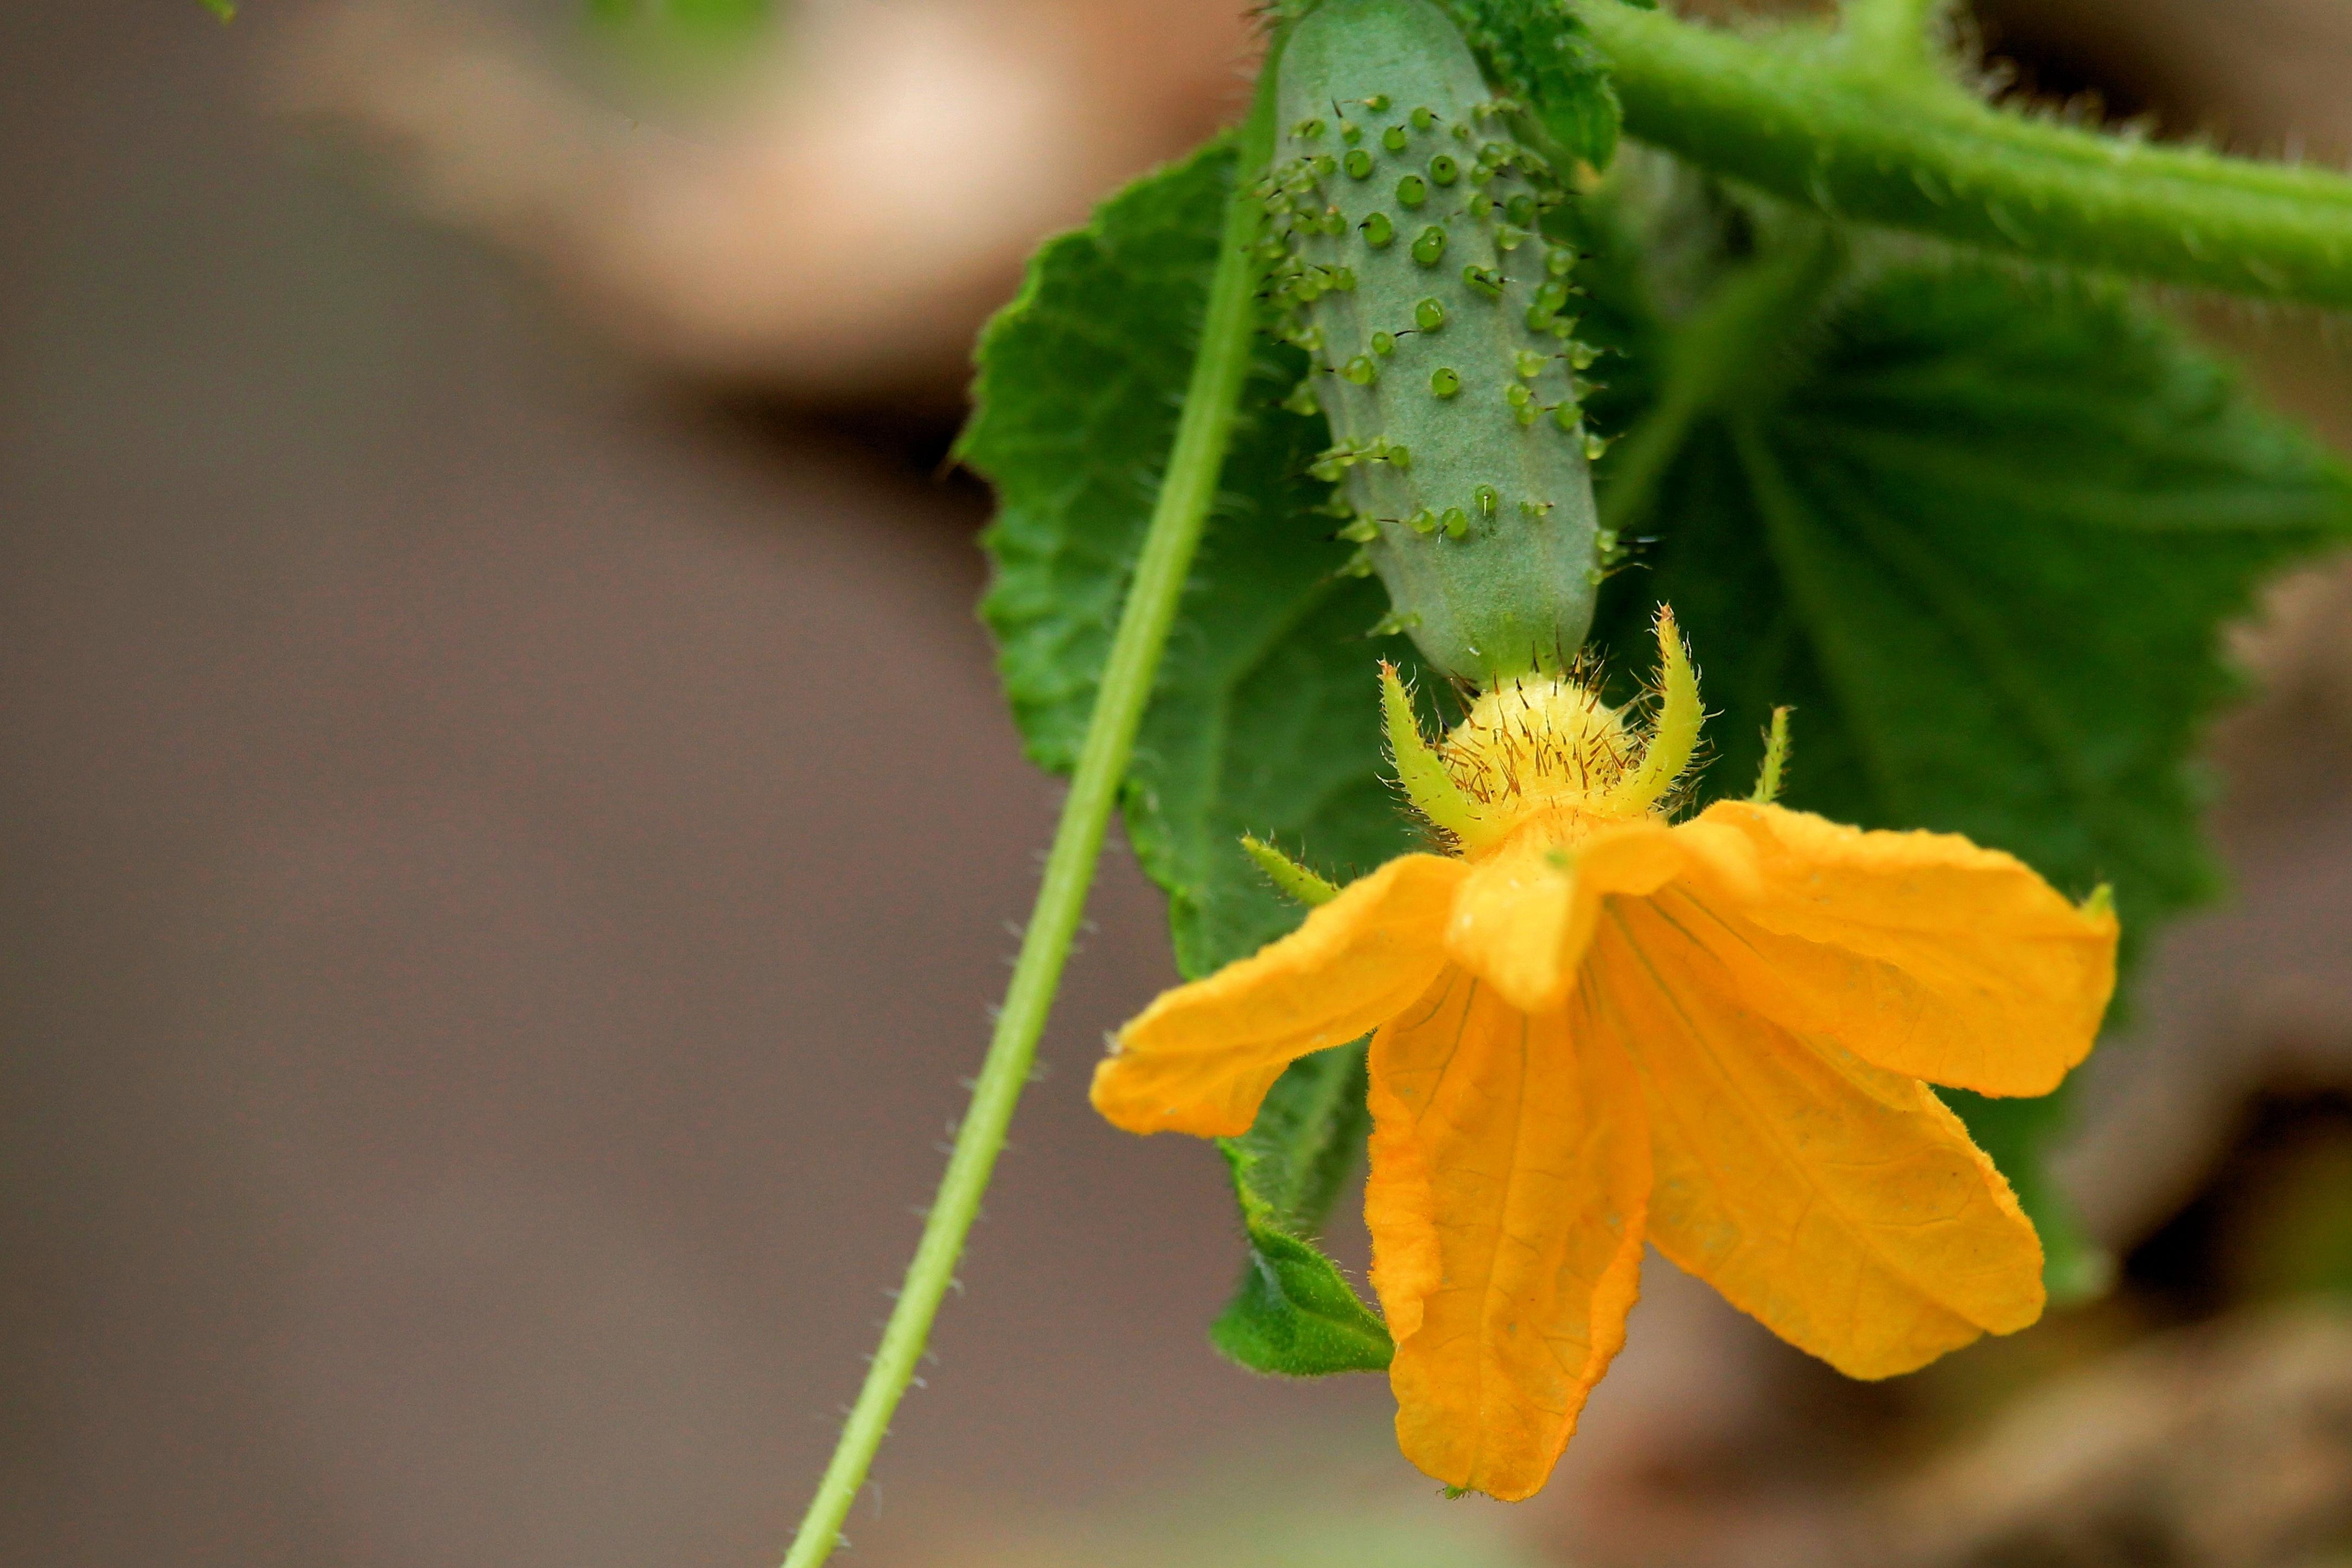 Free Images Leaf Flower Bloom Food Green Produce Botany